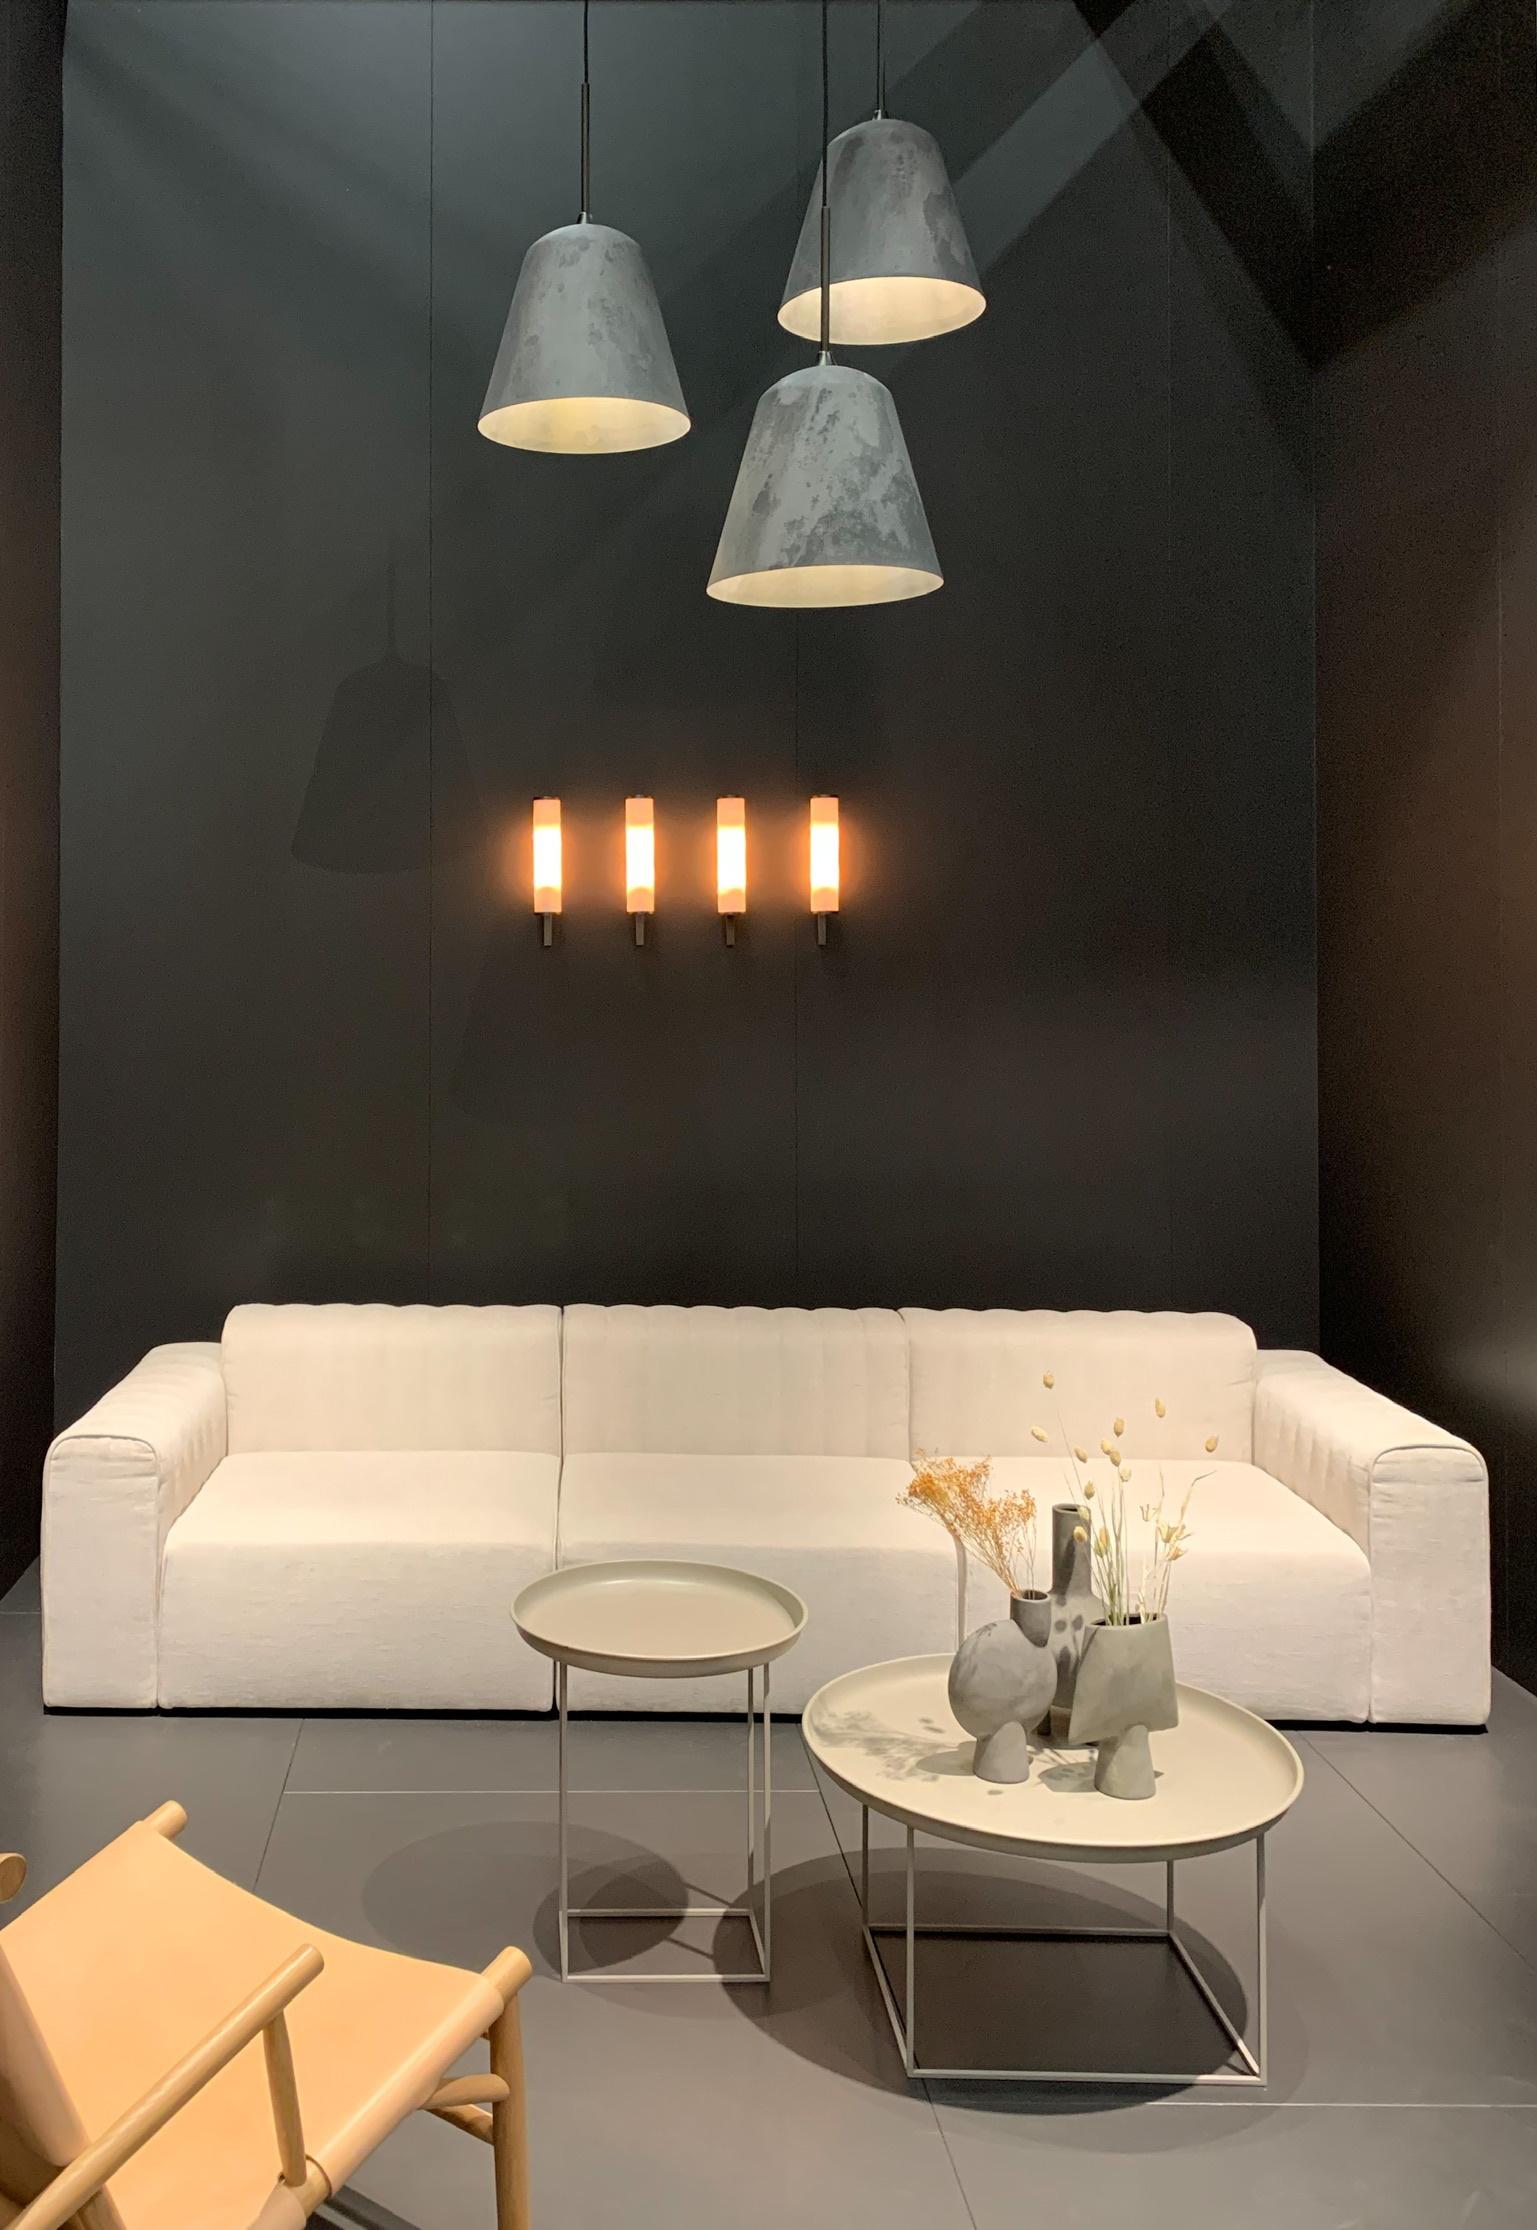 Неделя дизайна в Стокгольме 2020: блог бюро P+Z (галерея 4, фото 0)